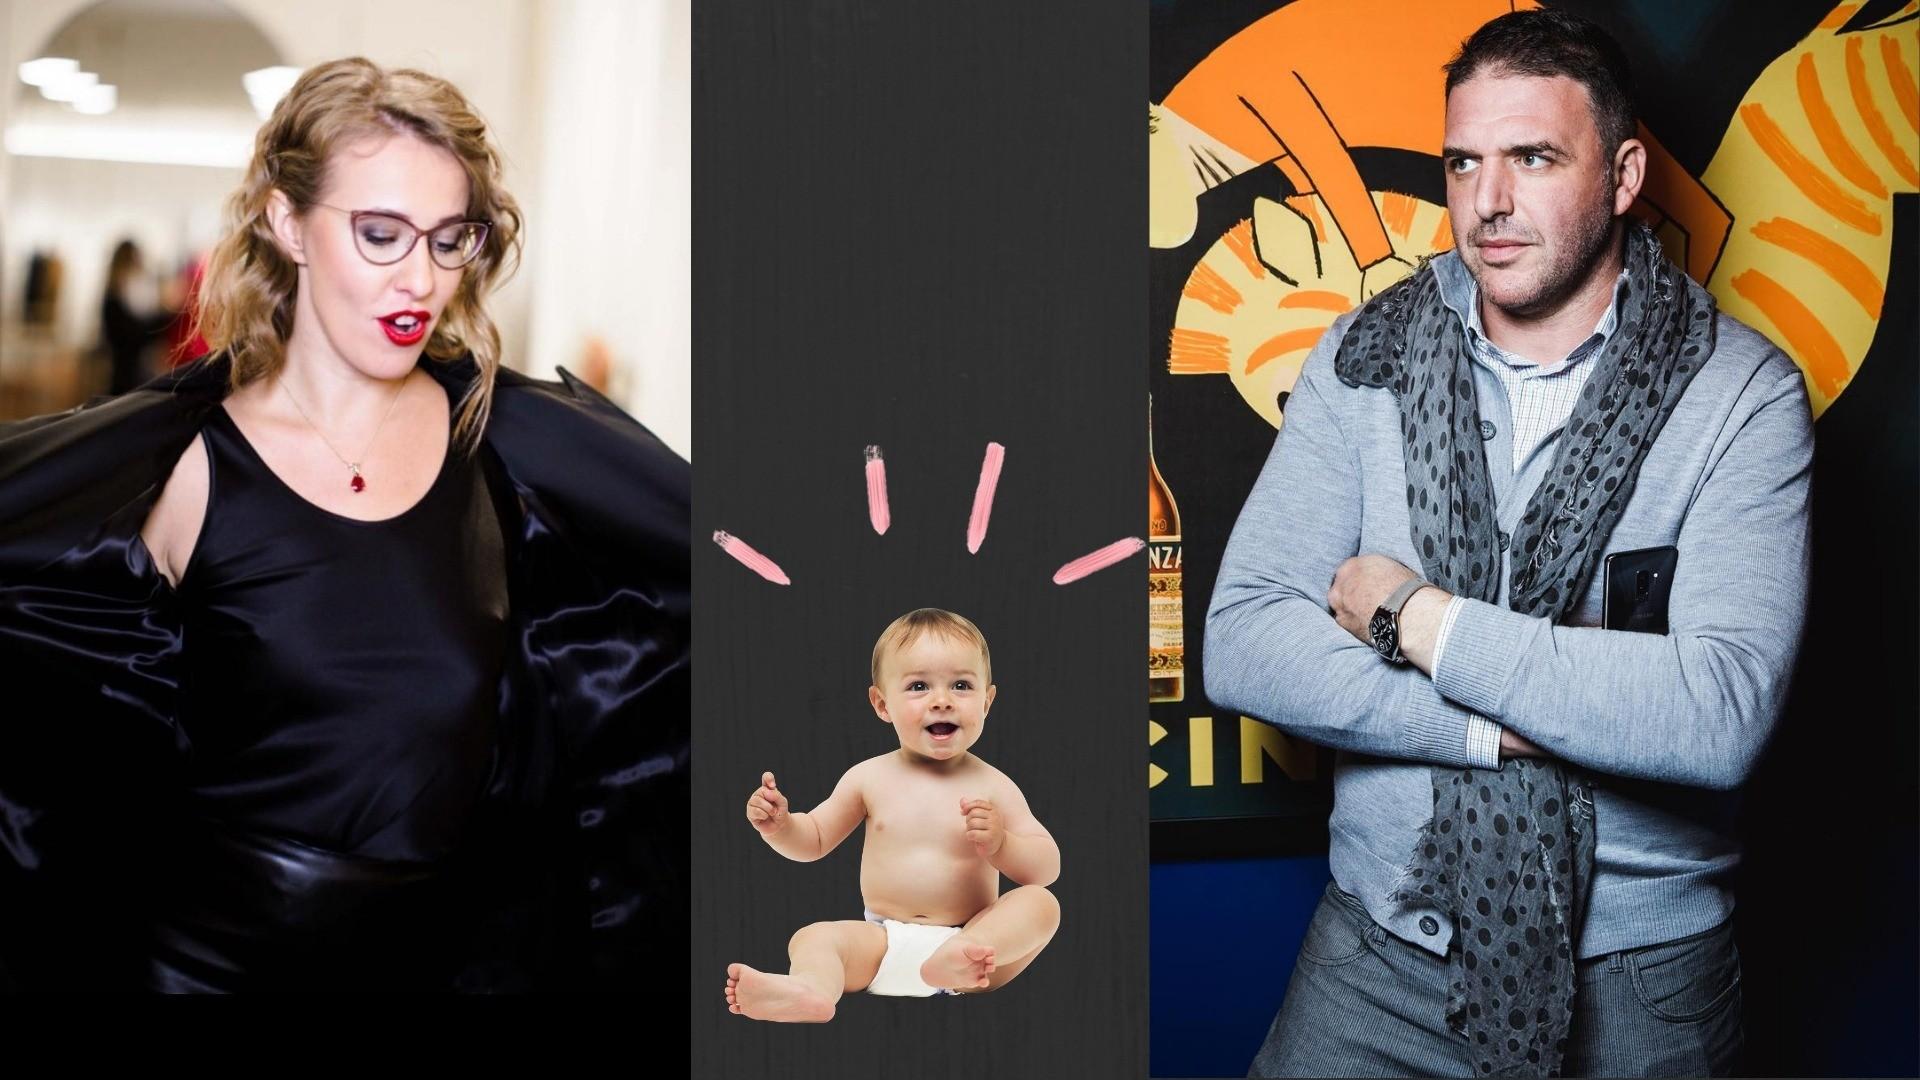 У Ксении Собчак и Максима Виторгана будет еще двое детей: прогноз ясновидящей